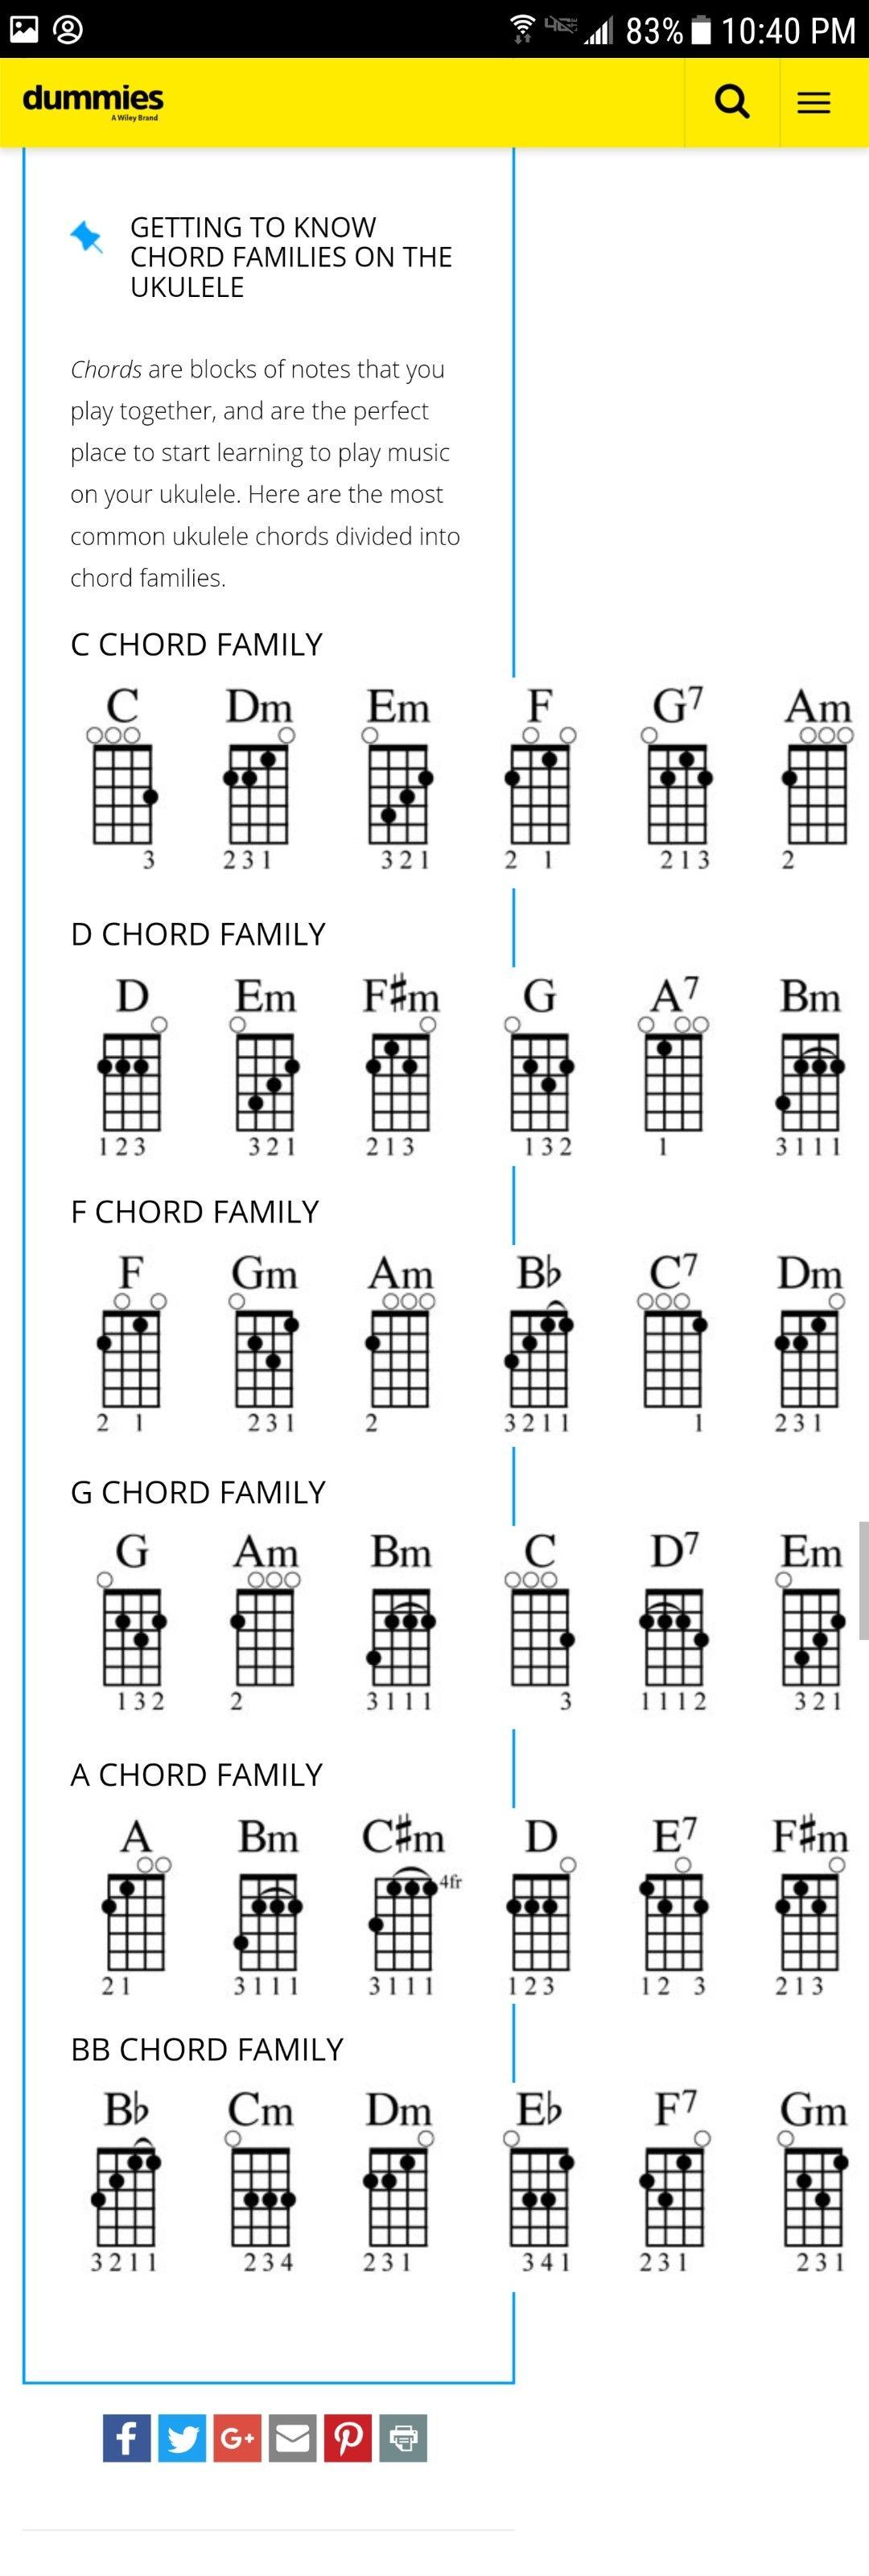 Ukulele chord families ukulele for dummies ukulele pinterest ukulele chord families ukulele for dummies hexwebz Images